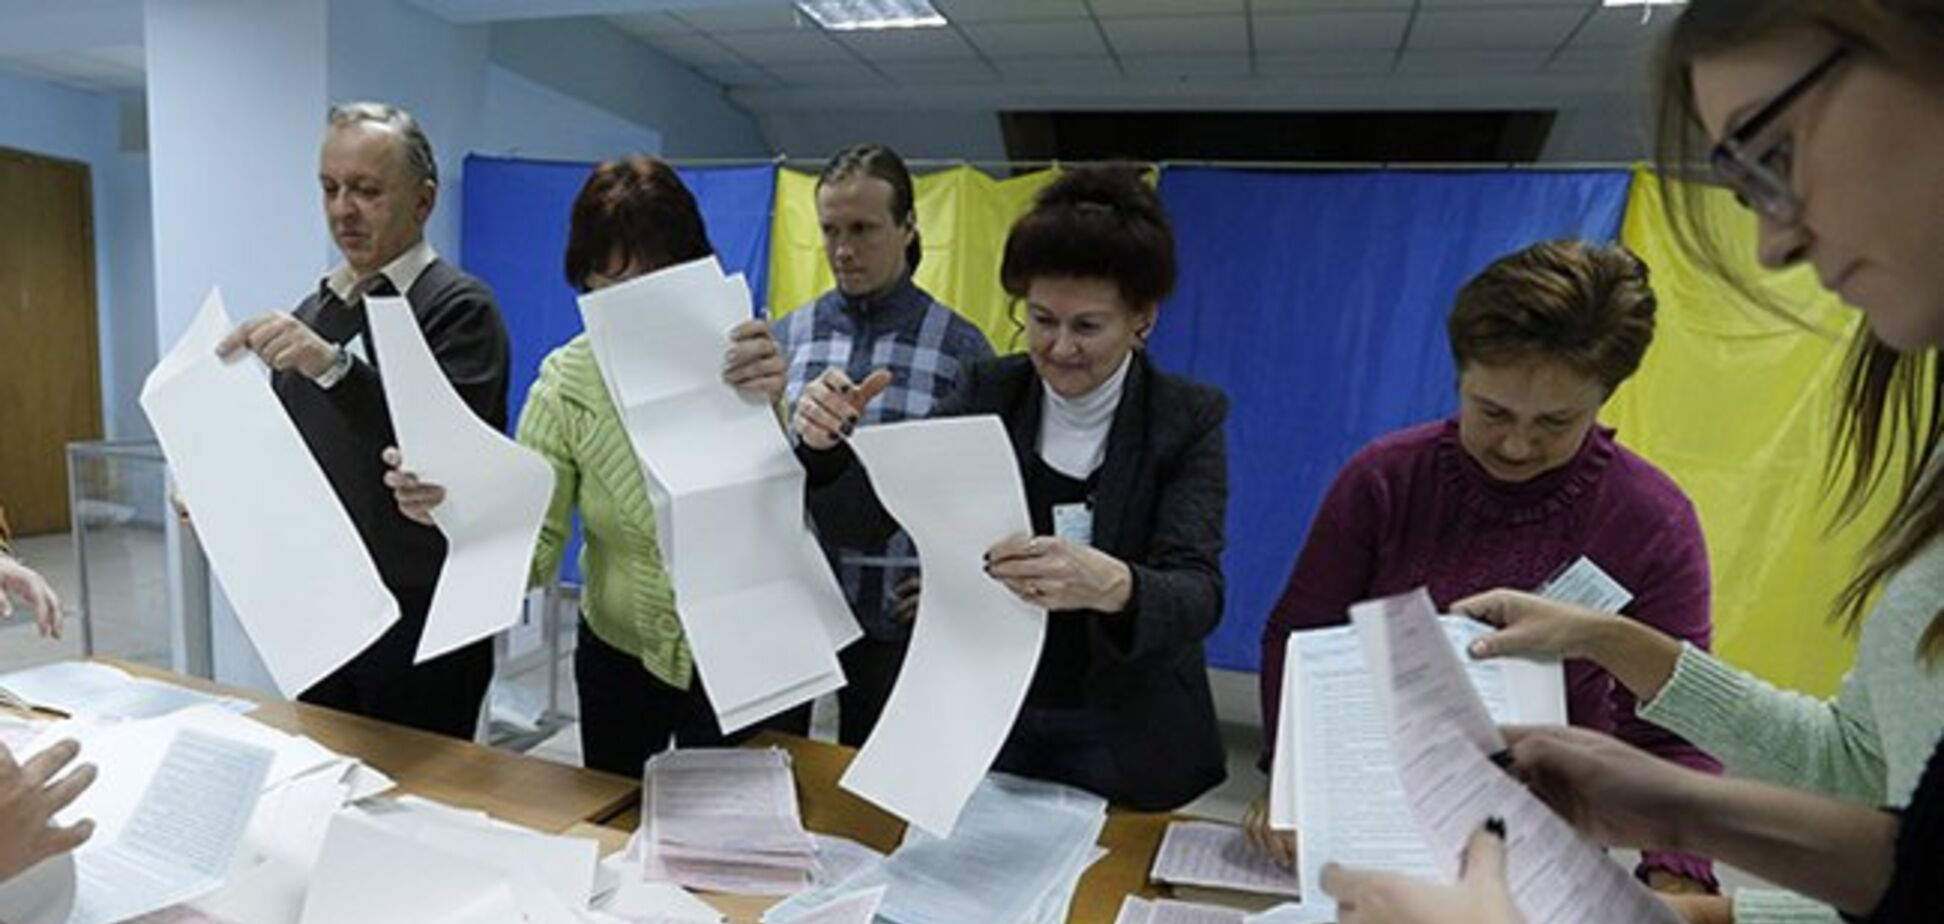 100% явка: на Донетчине заявили о масштабной фальсификации результатов выборов